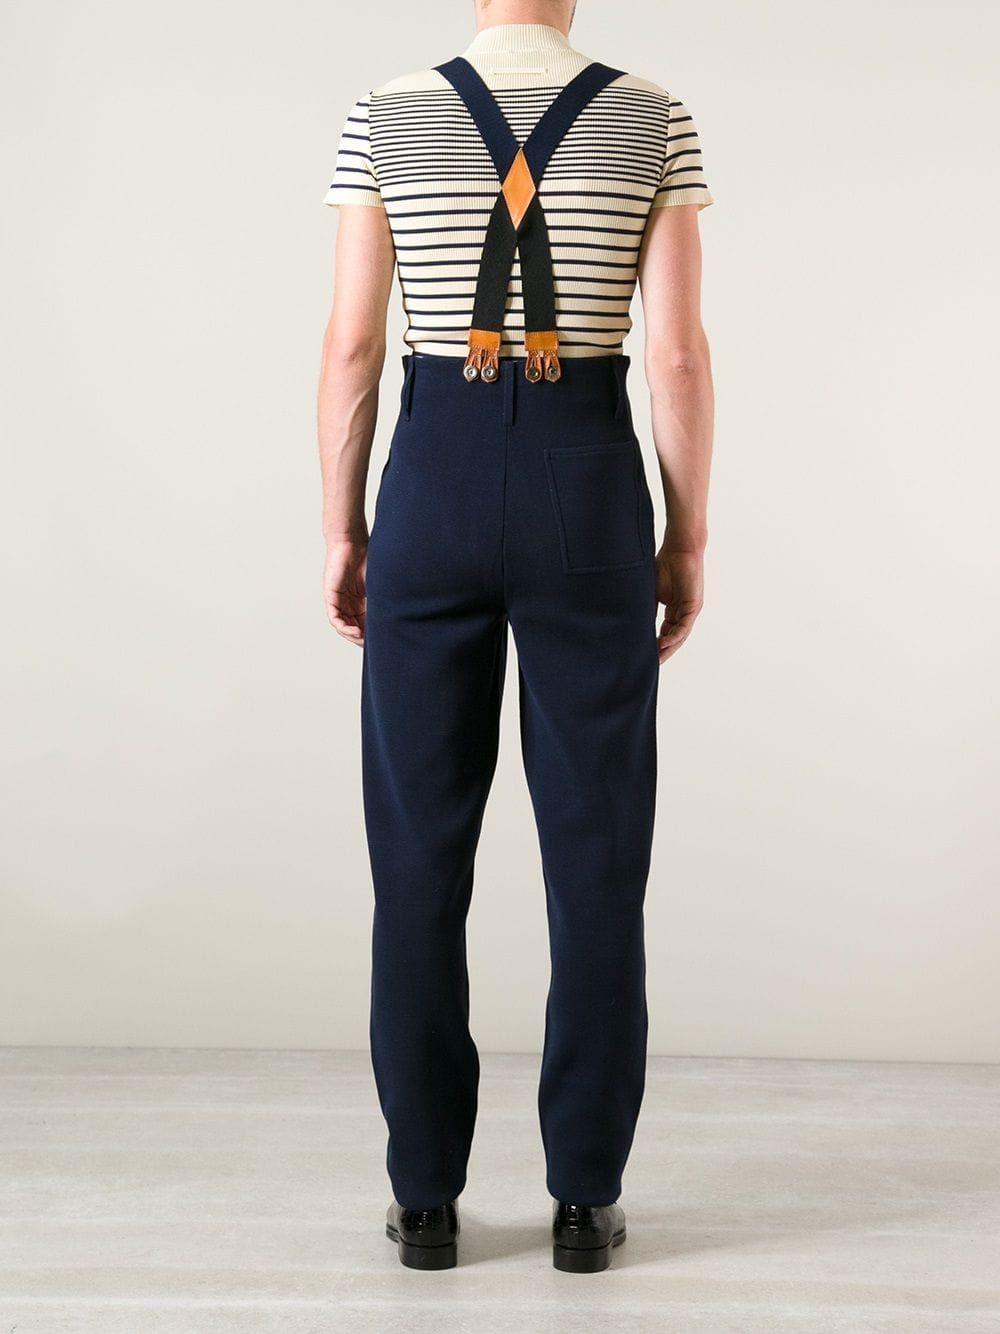 Jean Paul Gaultier Vintage pantalon taille haute à bretelles ... 2c1e26be2f3b